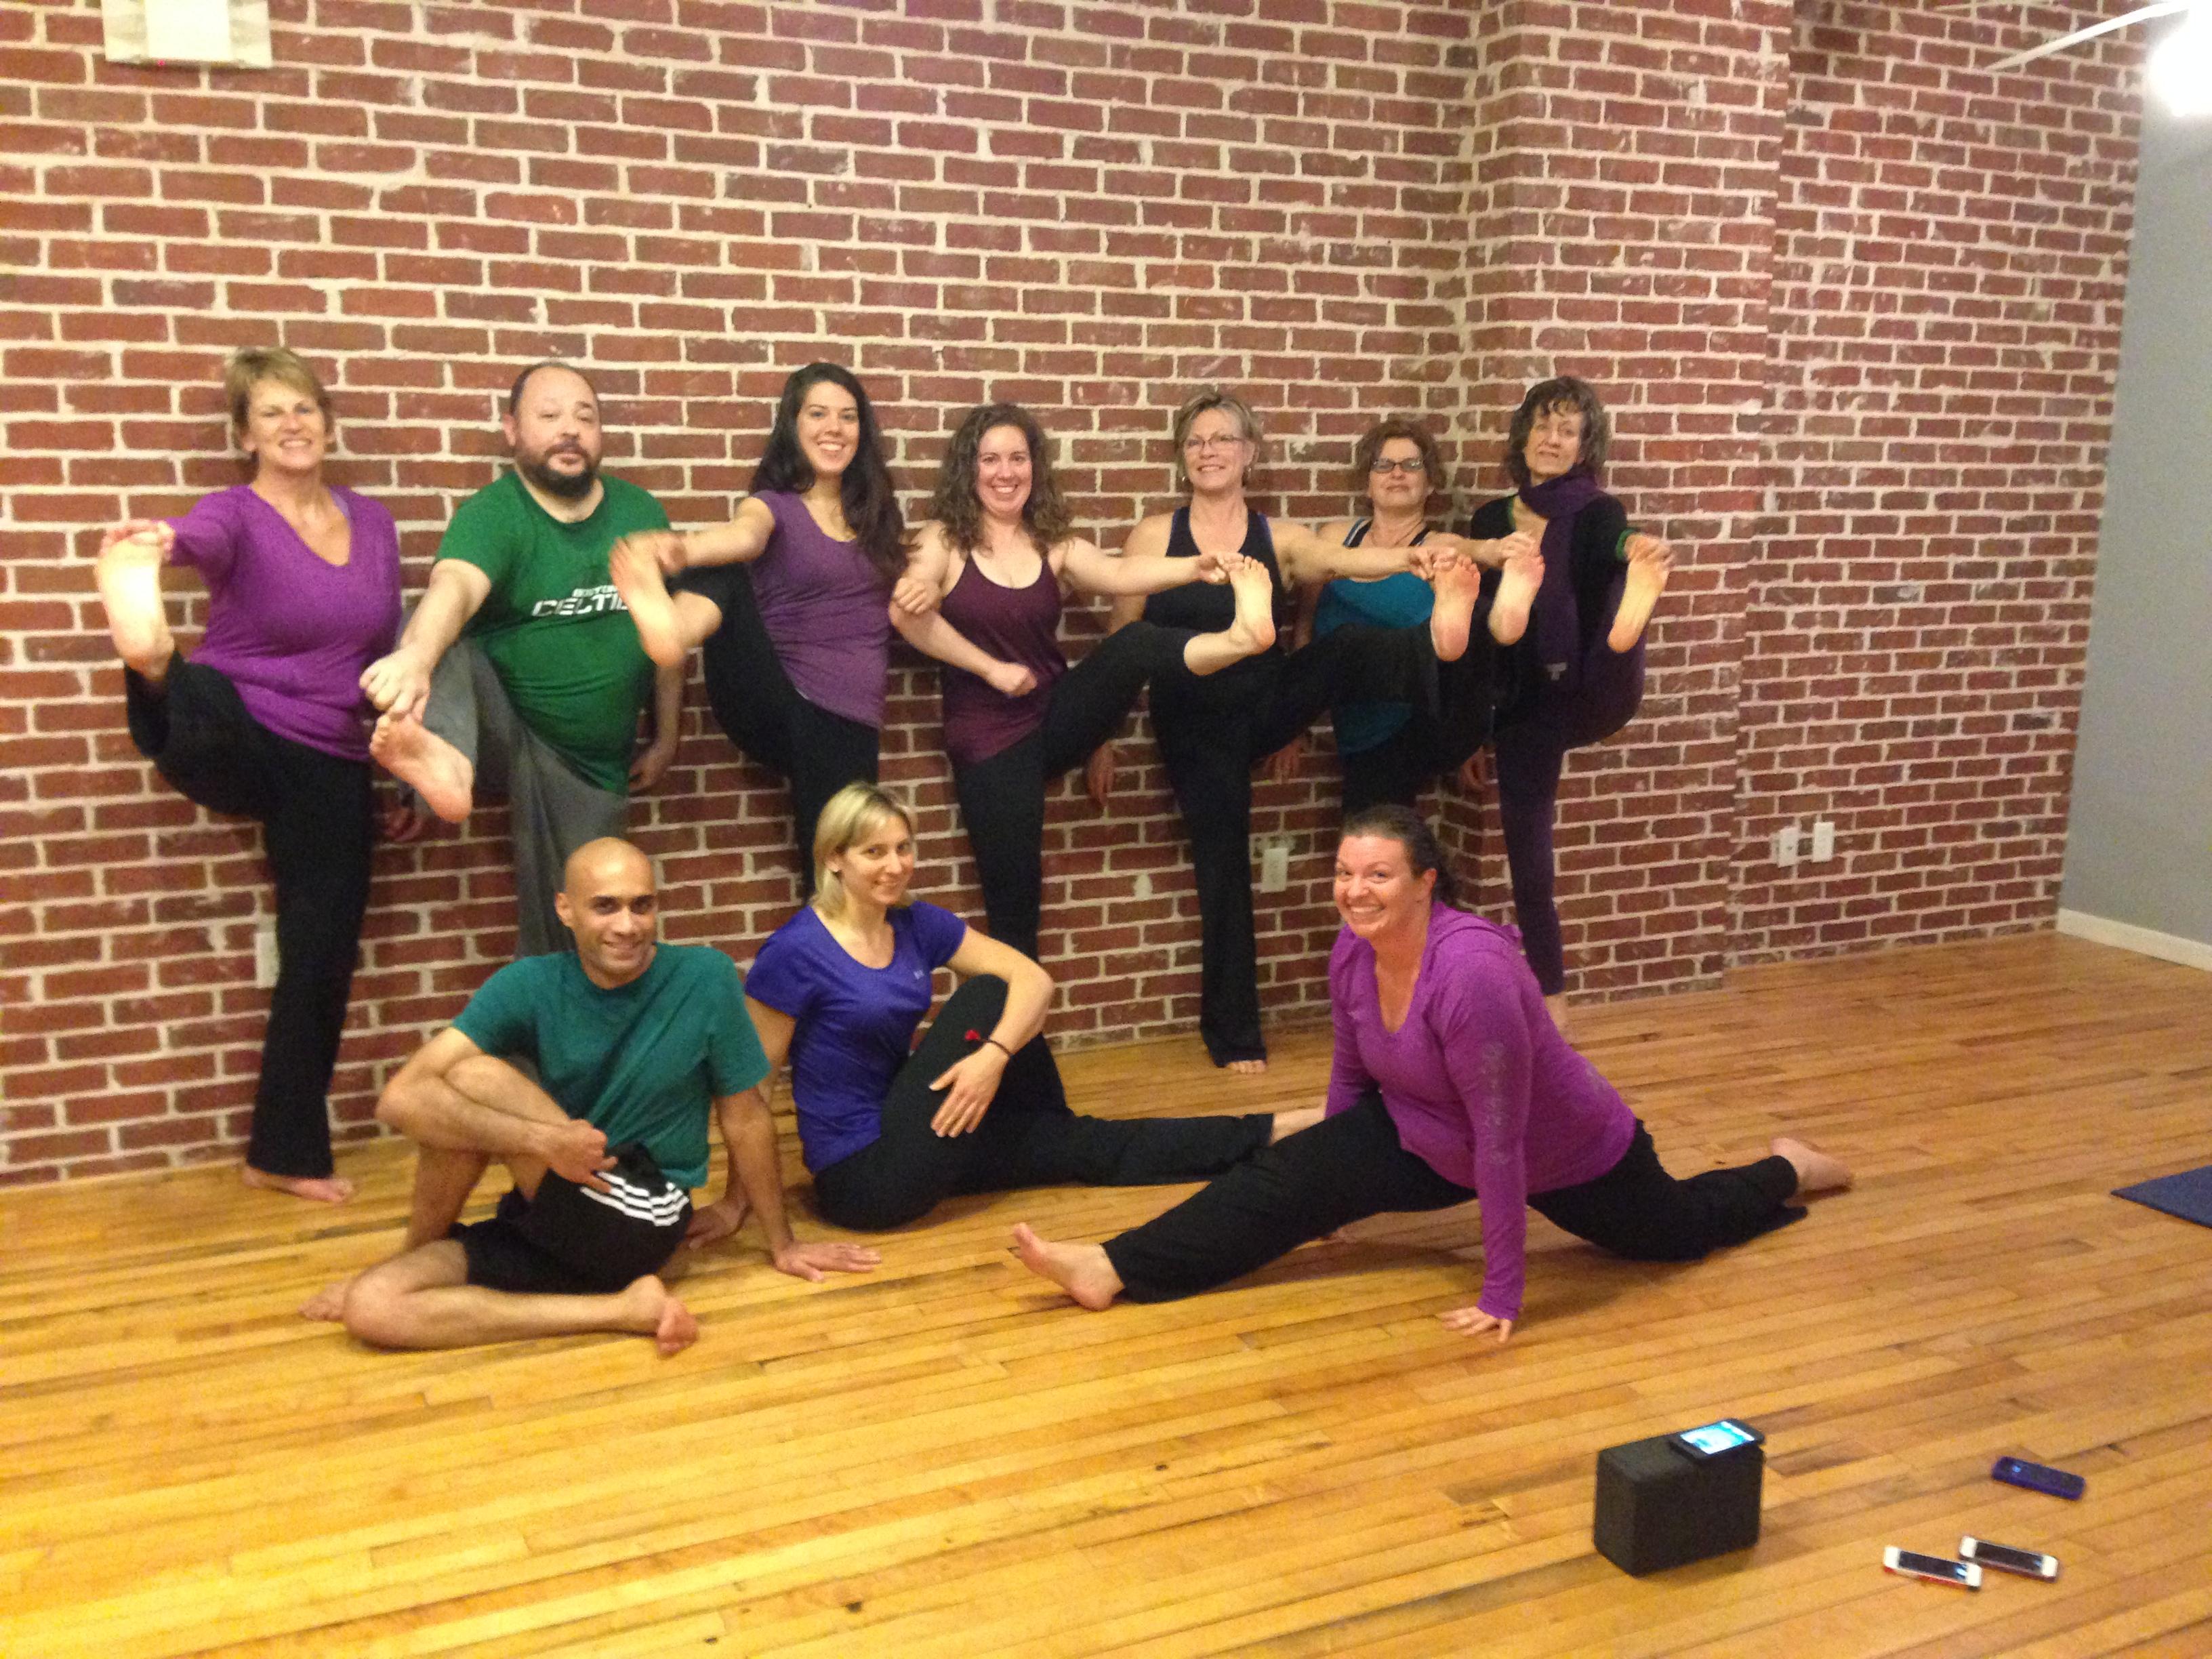 v yoga dallas